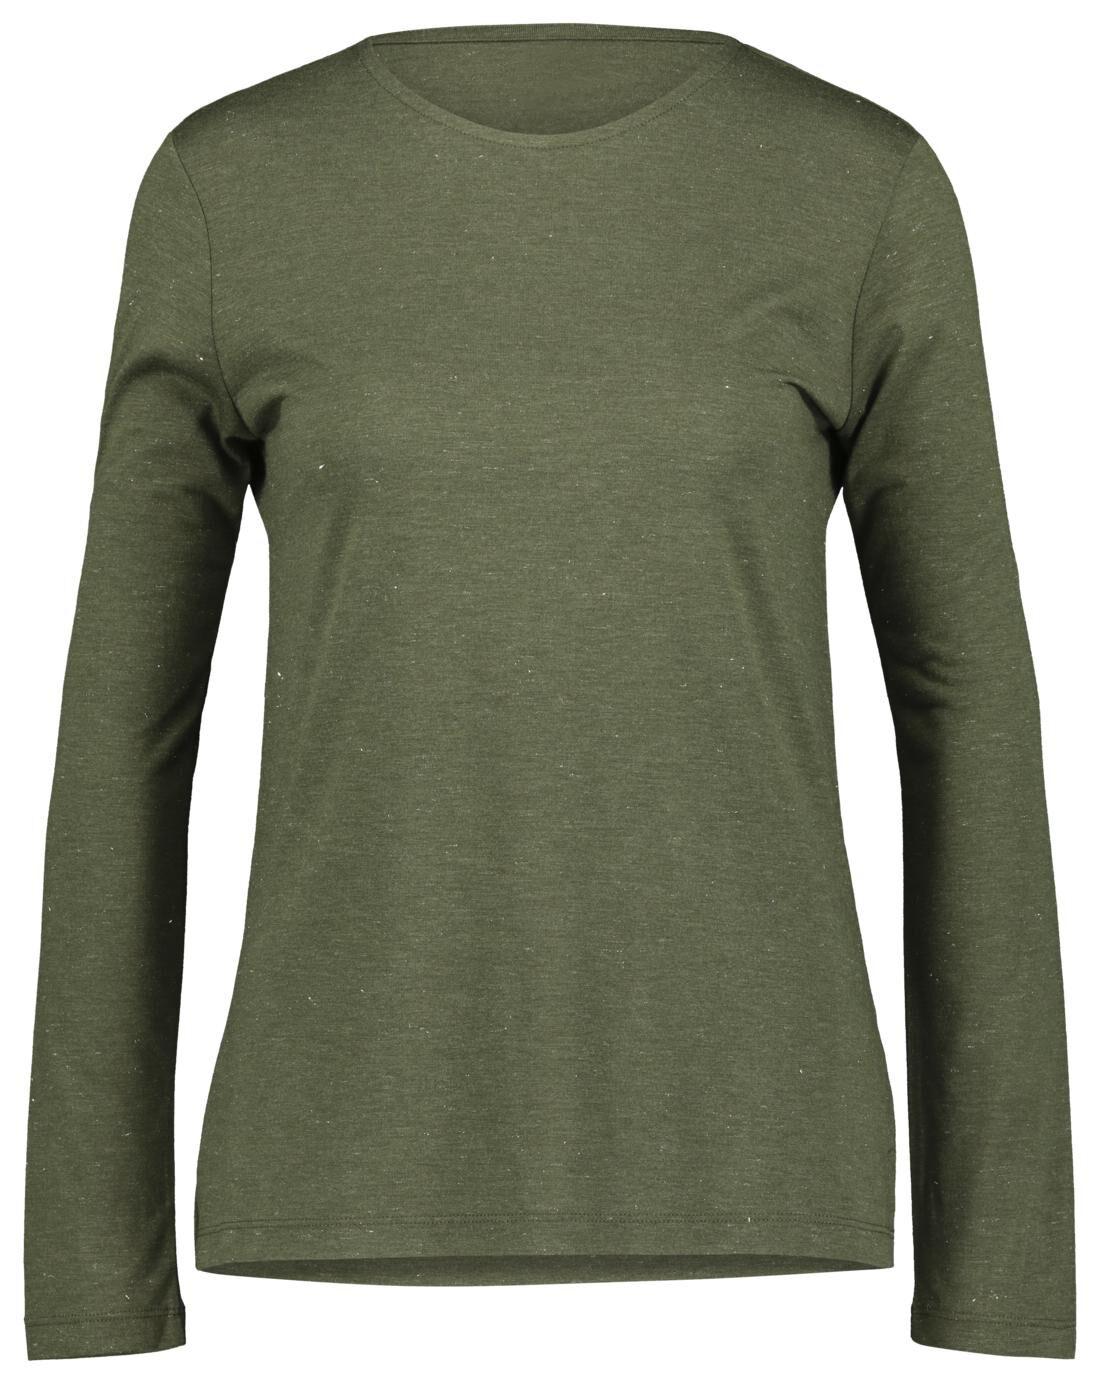 HEMA Dames T-shirt Met Glitter Olijf (olijf)